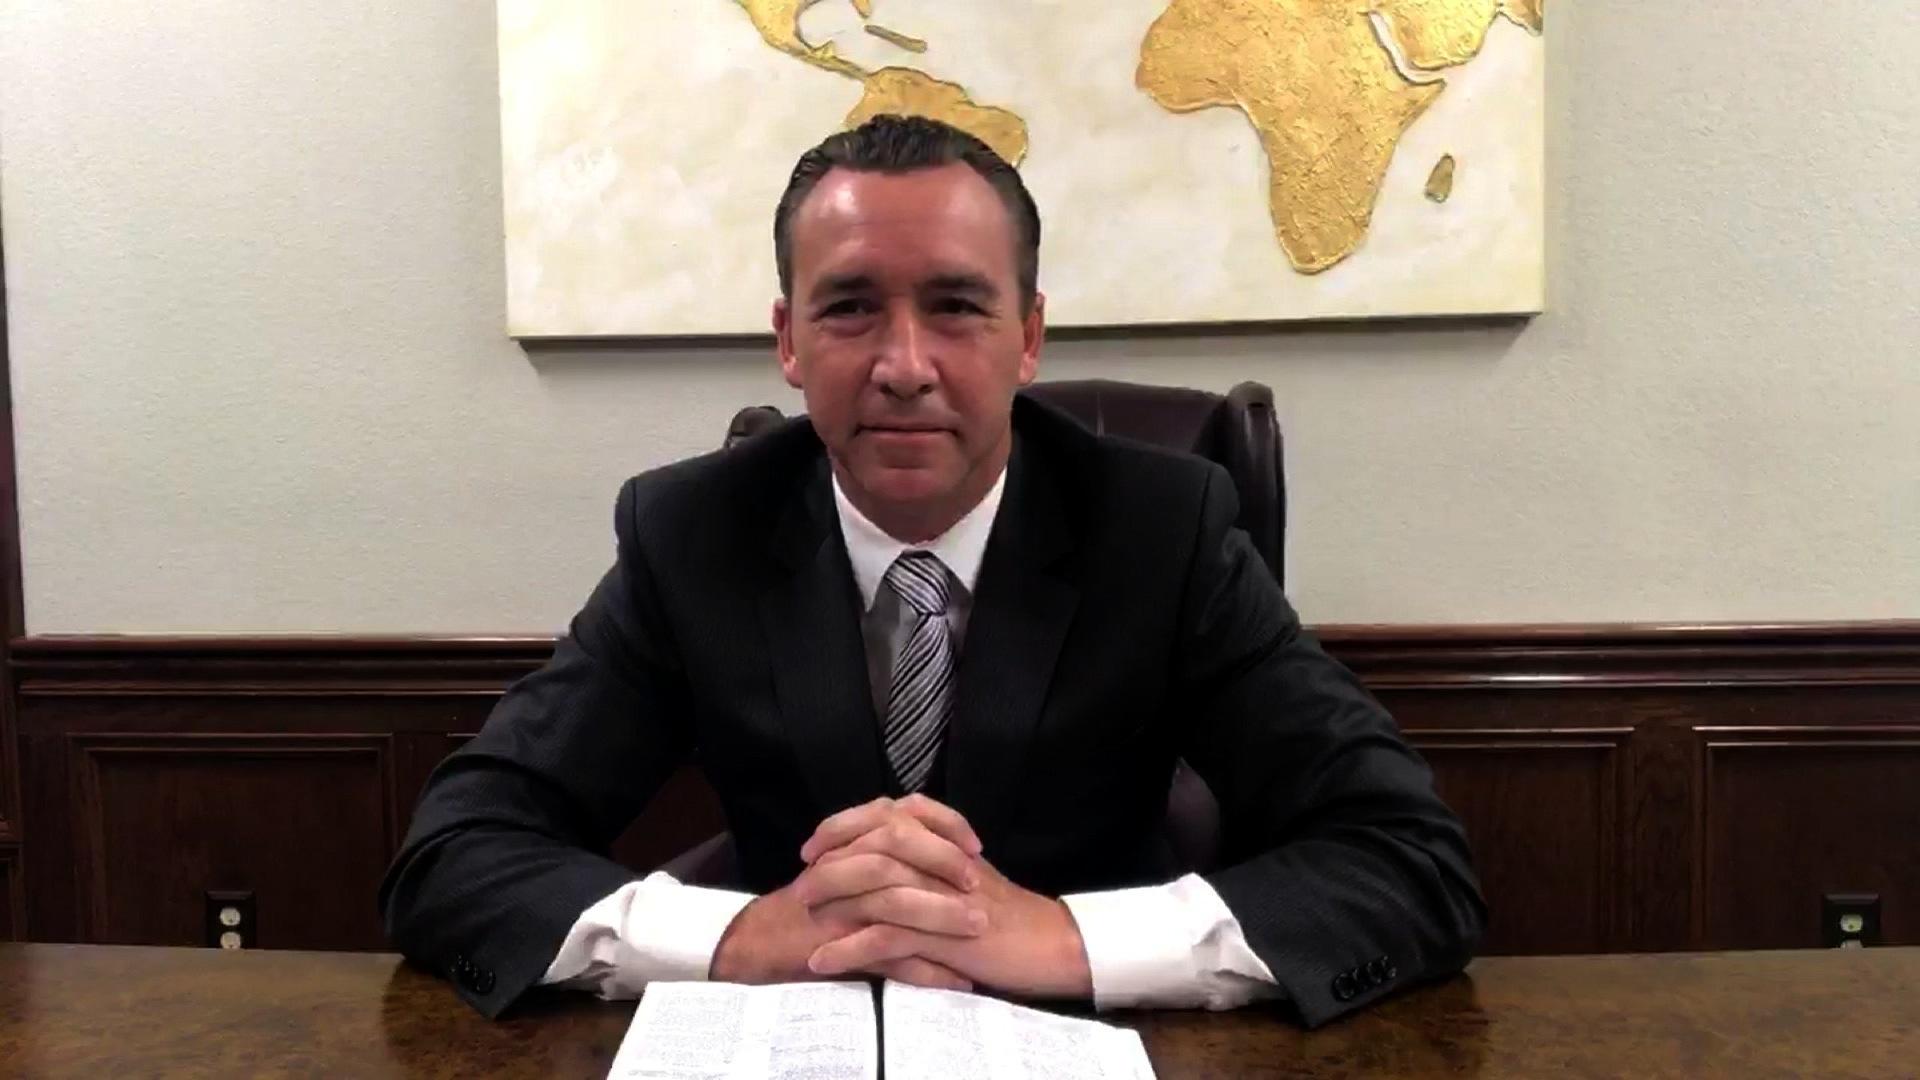 Pastor Tony Spells (CNN)